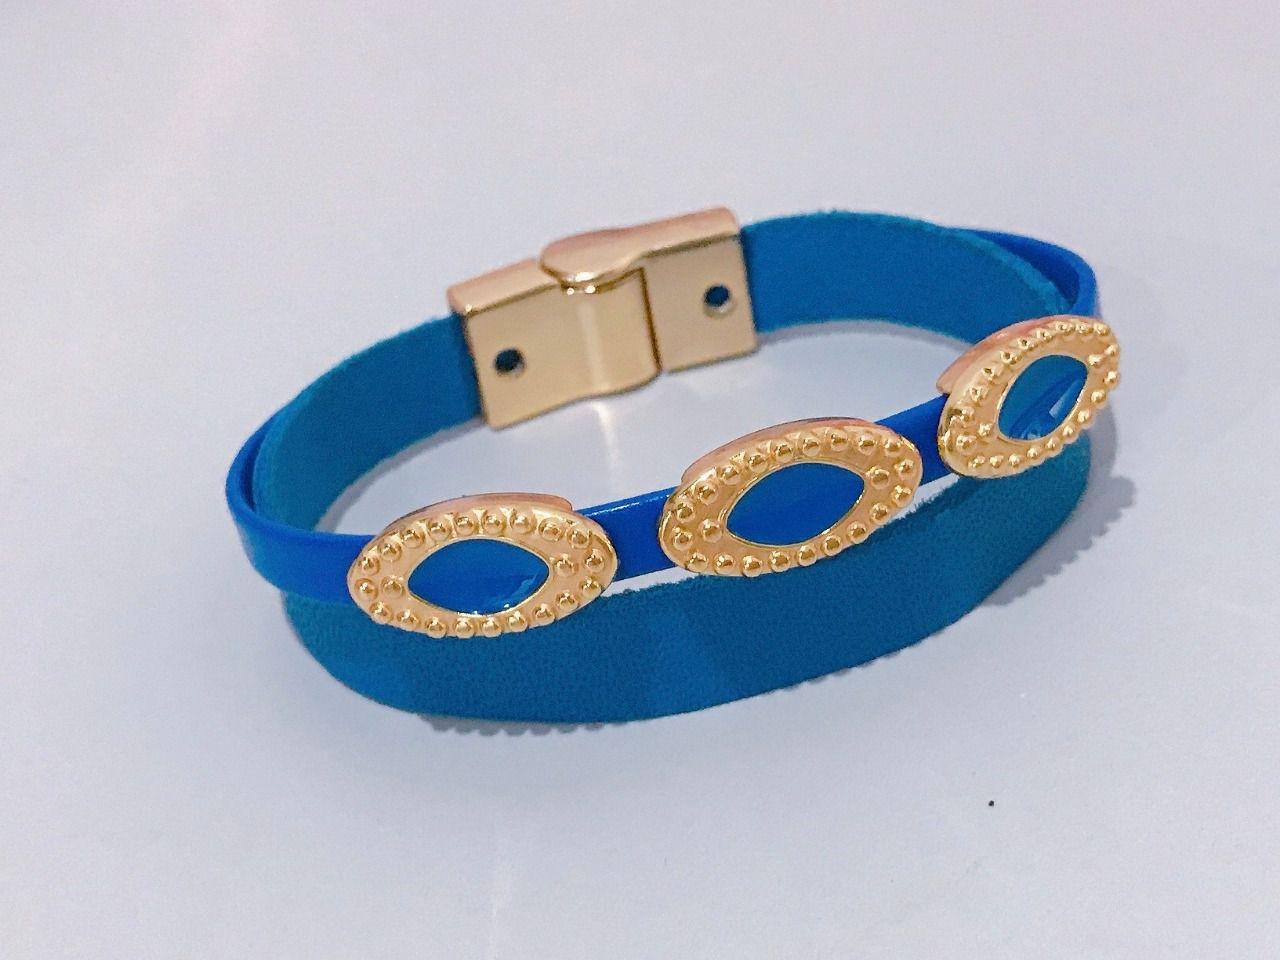 Bracelete em Couro com entremeios esmaltados.